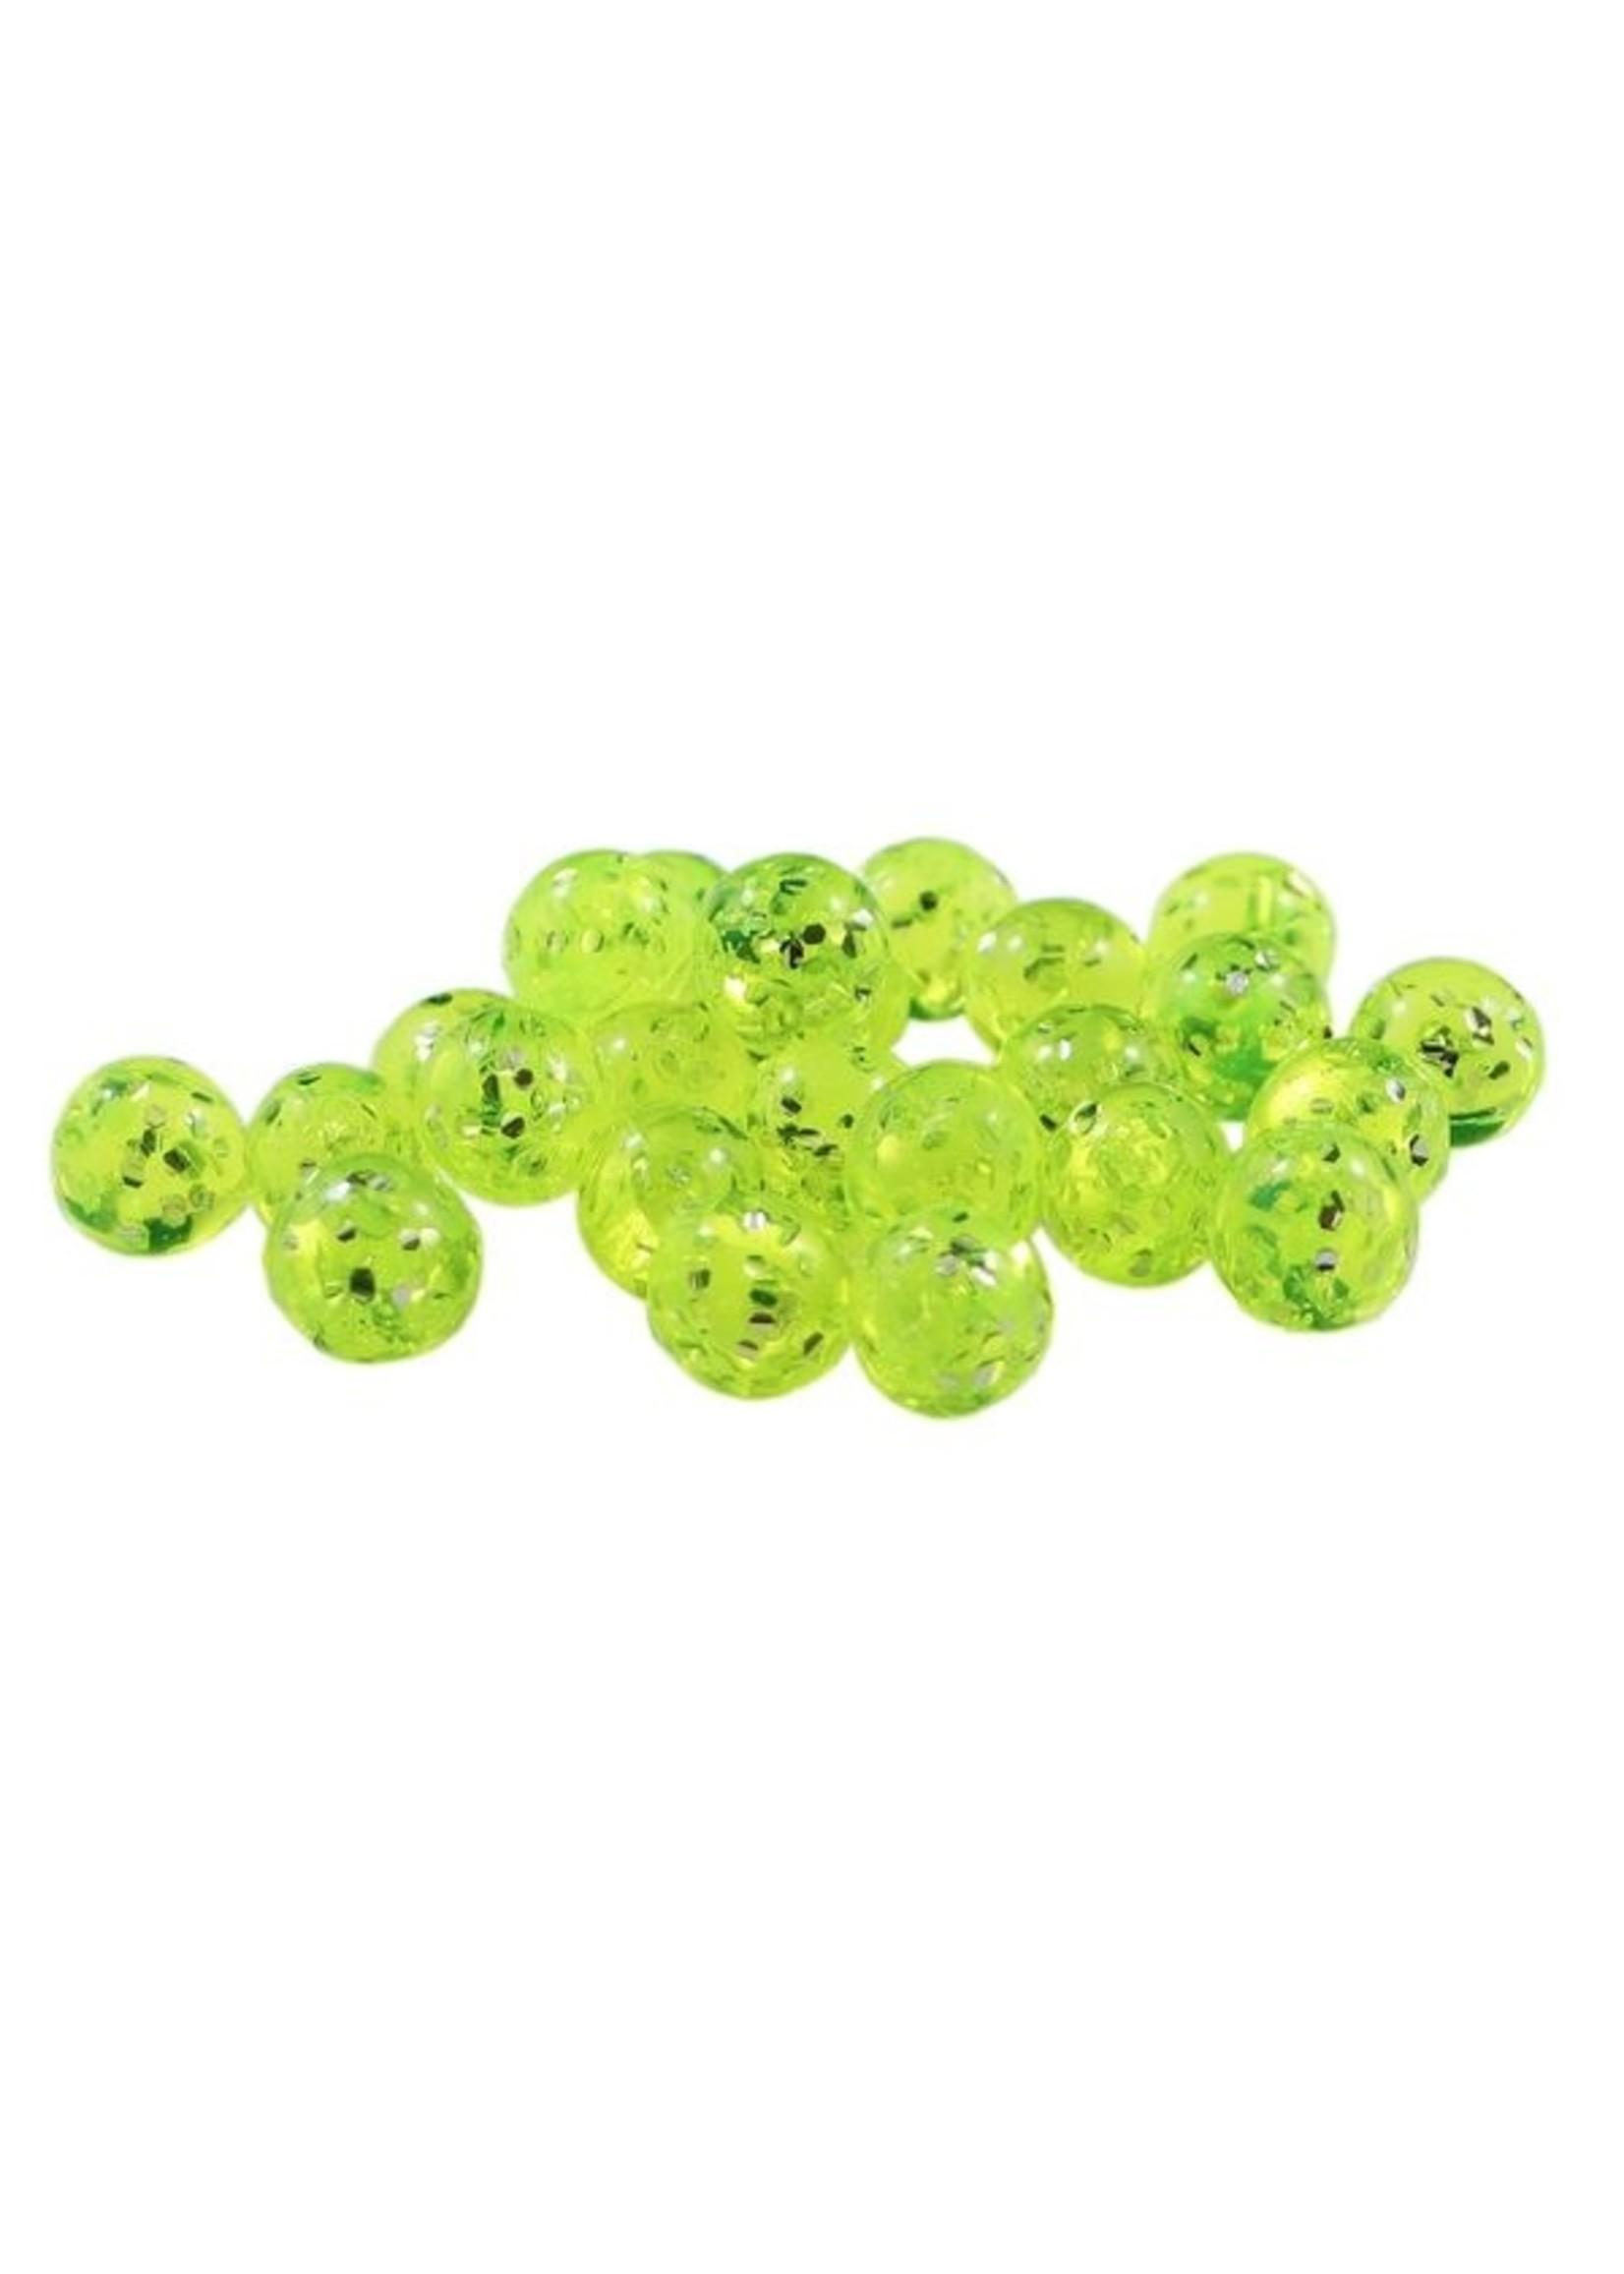 Cleardrift Cleardrift Glitter Bomb Soft Beads Chart 14mm